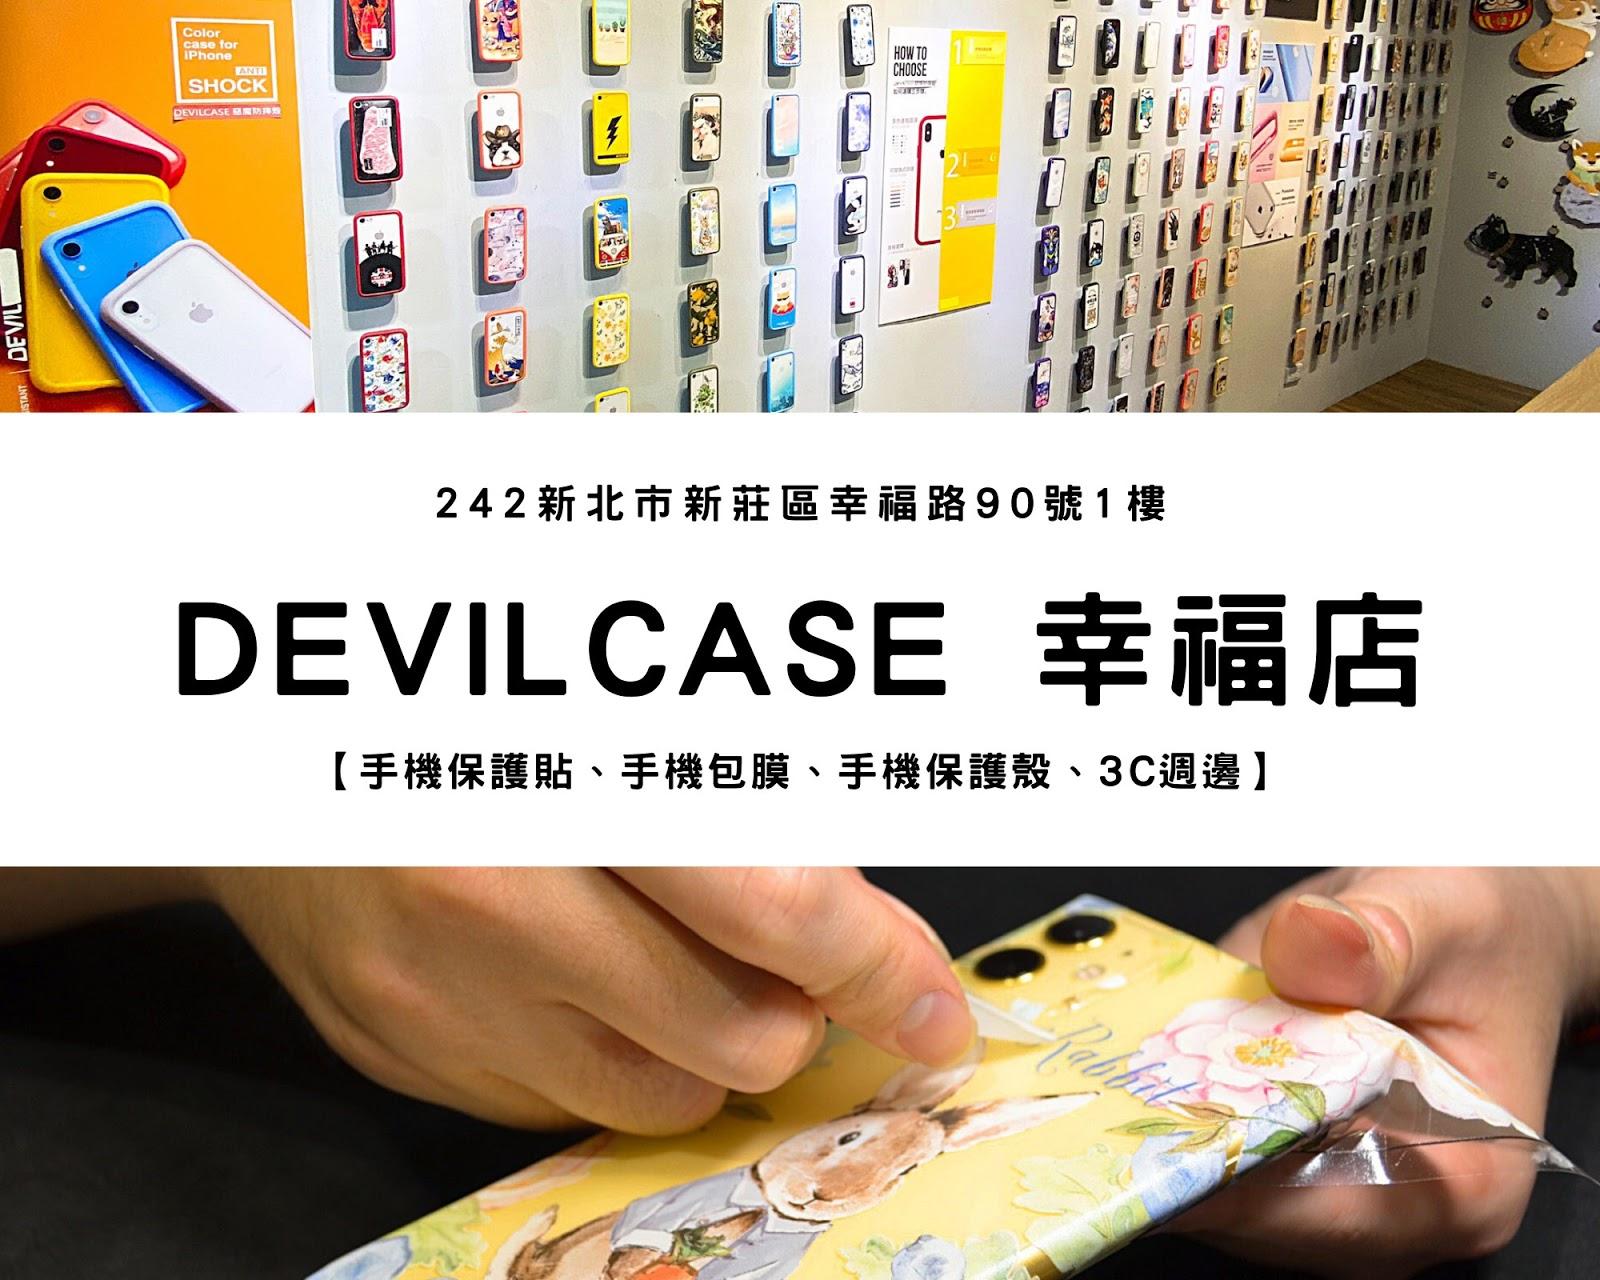 【新莊包膜】DEVILCASE惡魔鋁合金保護框、 手機防摔殼|母親大人的iPhone11全機包膜初體驗